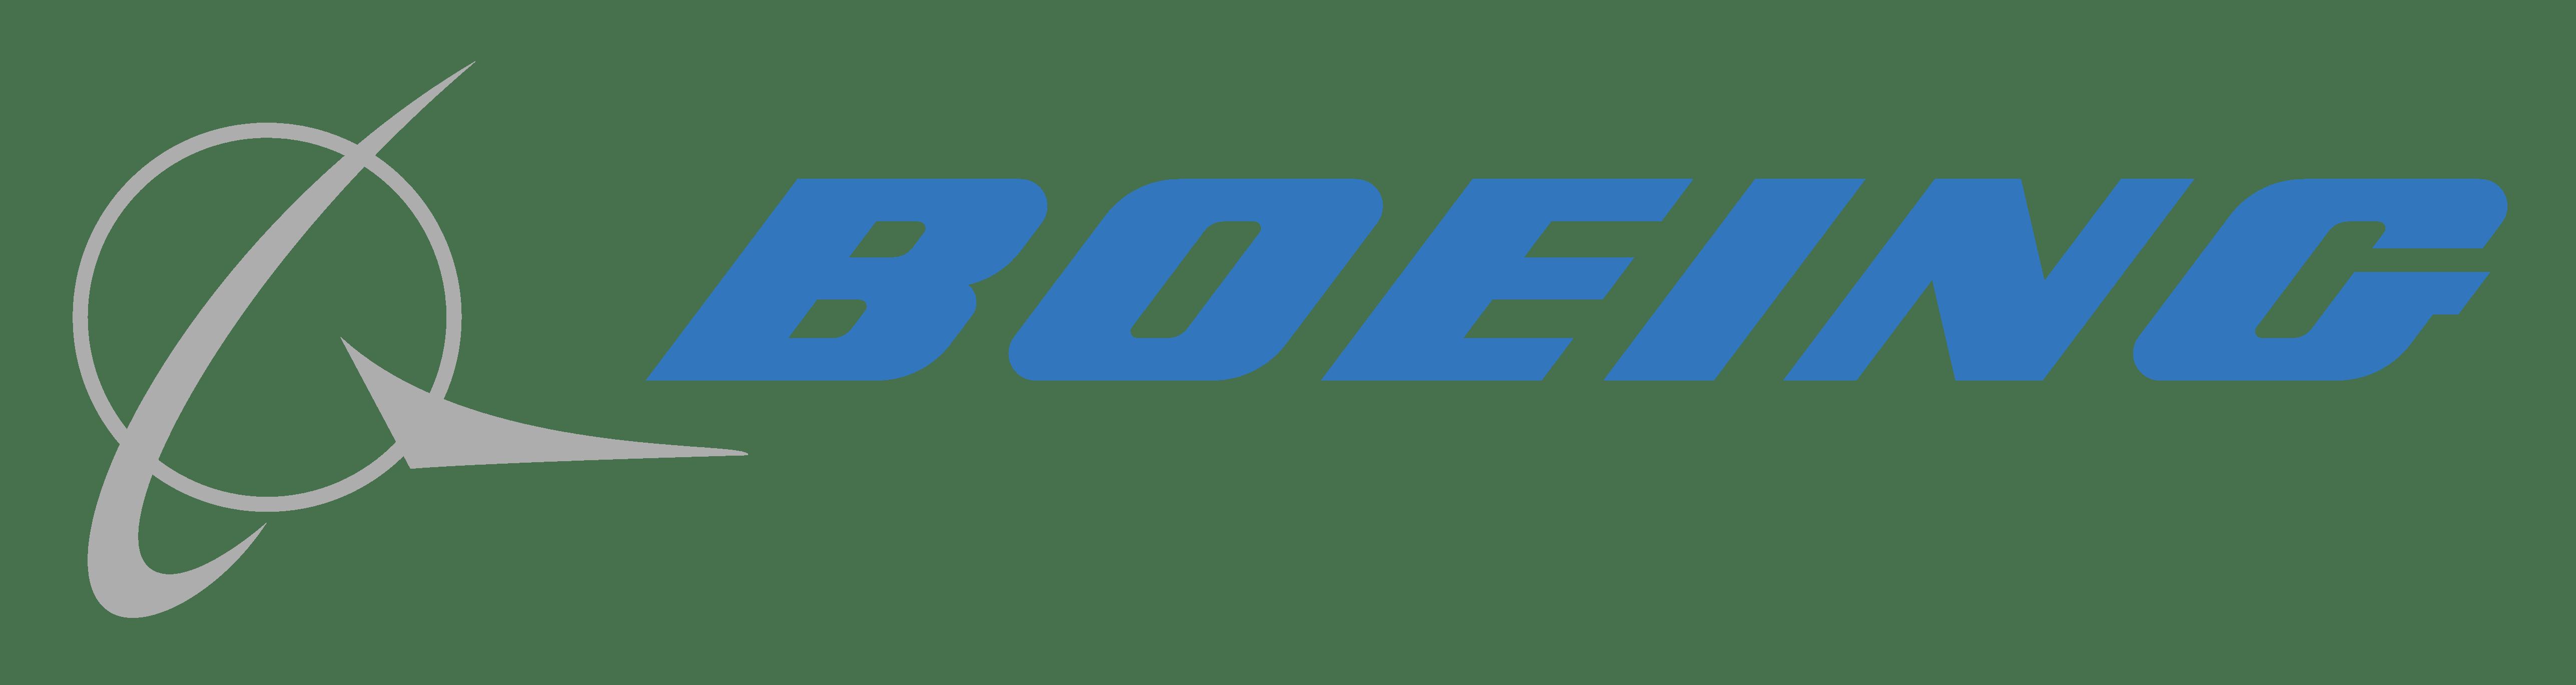 Boeing Wave Analysis – 05 November, 2019